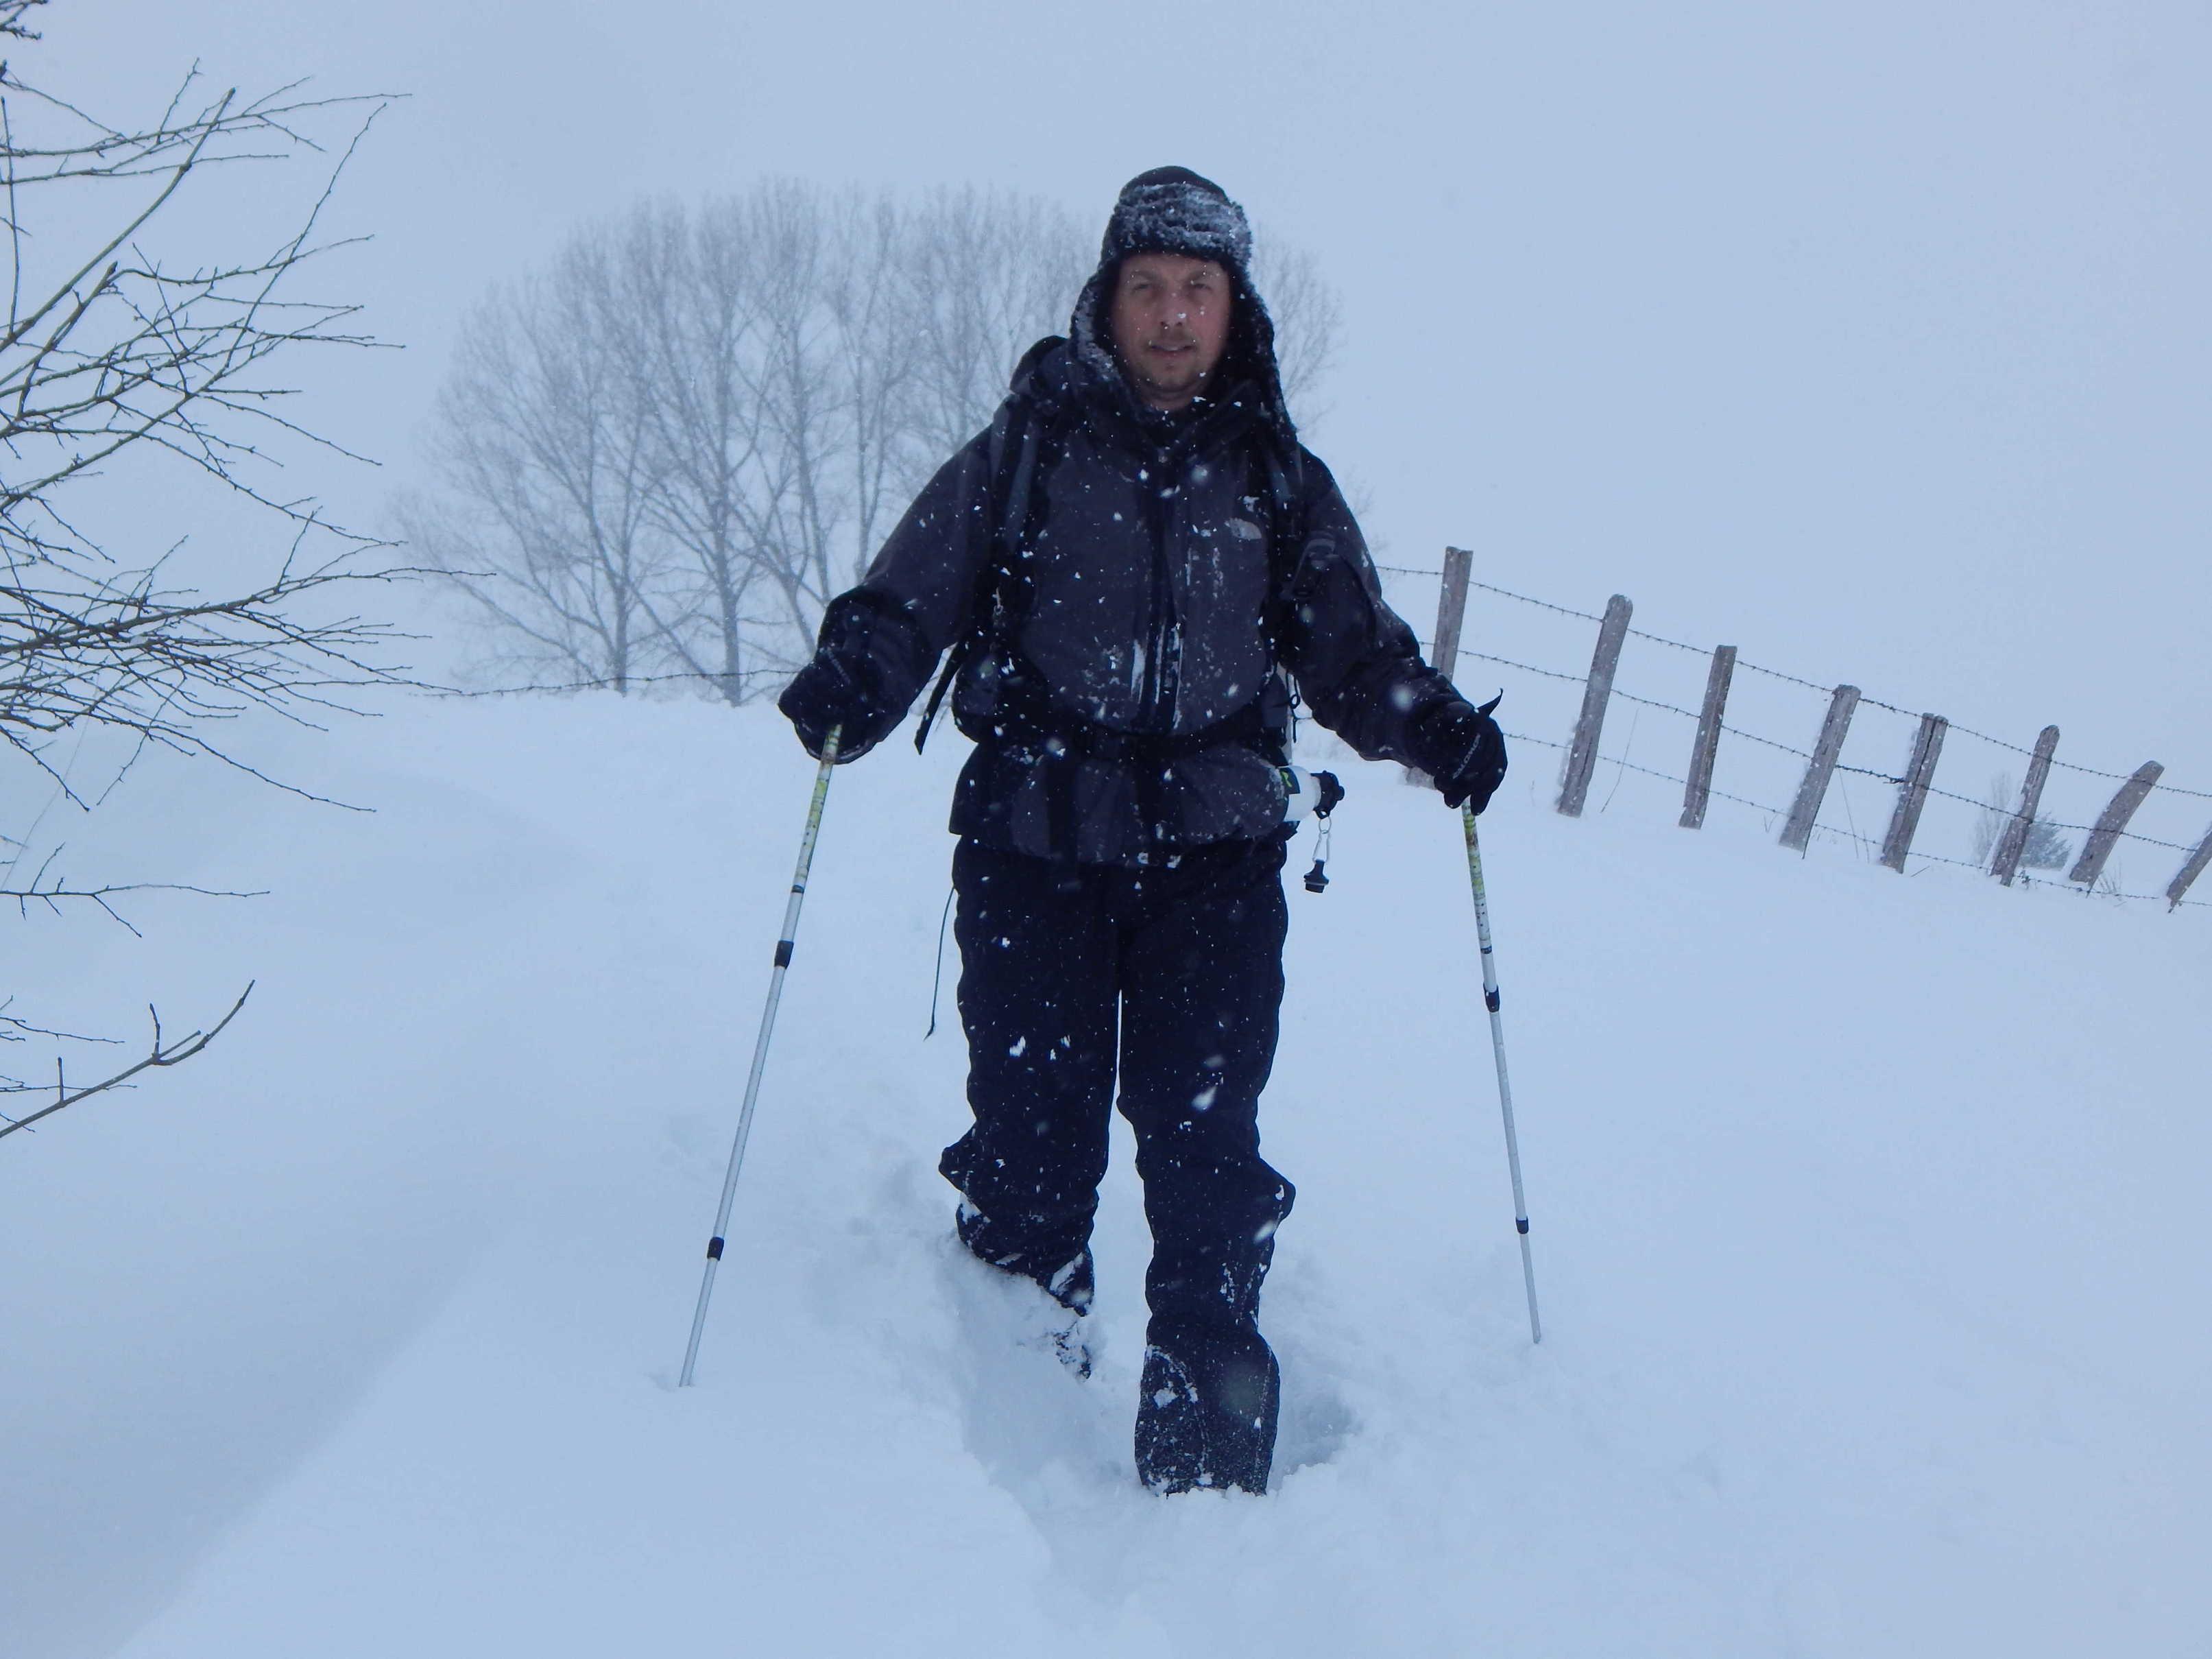 marc a la sortie  de la parcelle  coté prat de bouc ( ancien départ  des pistes de ski de fond)